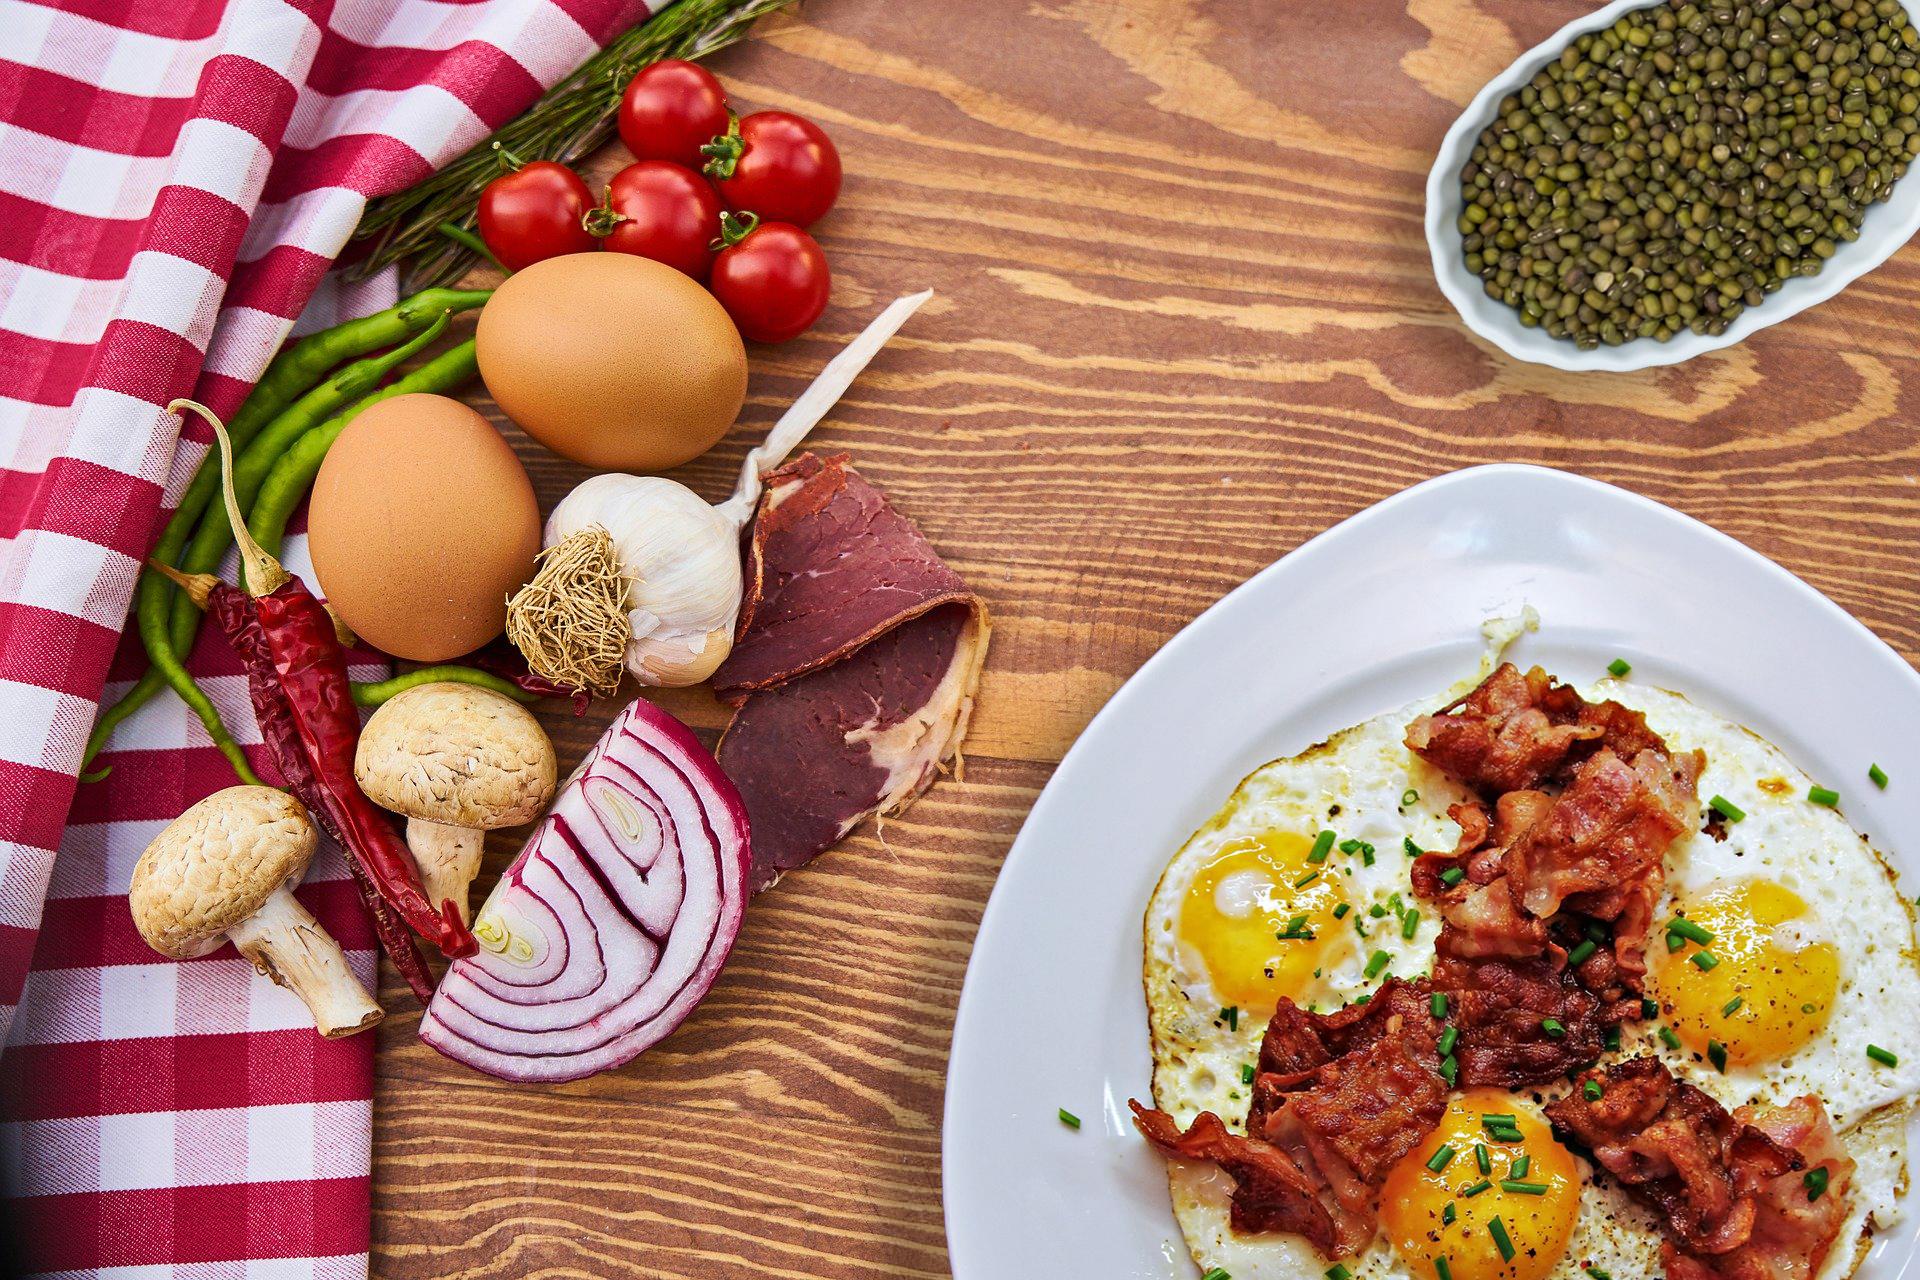 Une alimentation riche en protéines